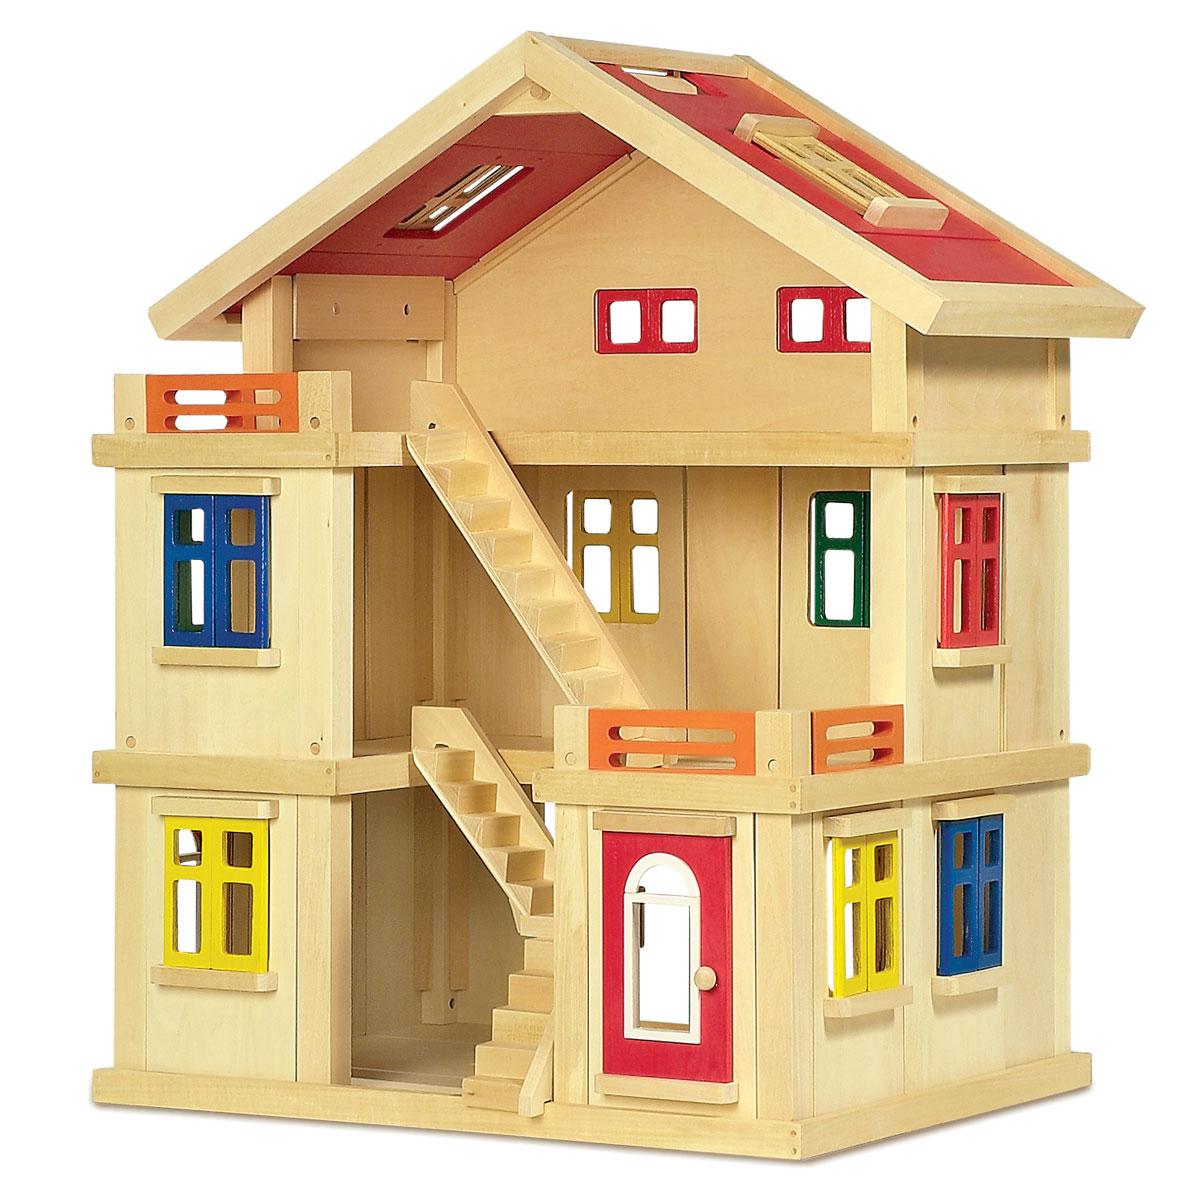 Puppenhaus Holz Kindergarten ~ Puppenhaus Deluxe aus Holz für Kinder  Pirum Holzspielzeuge de